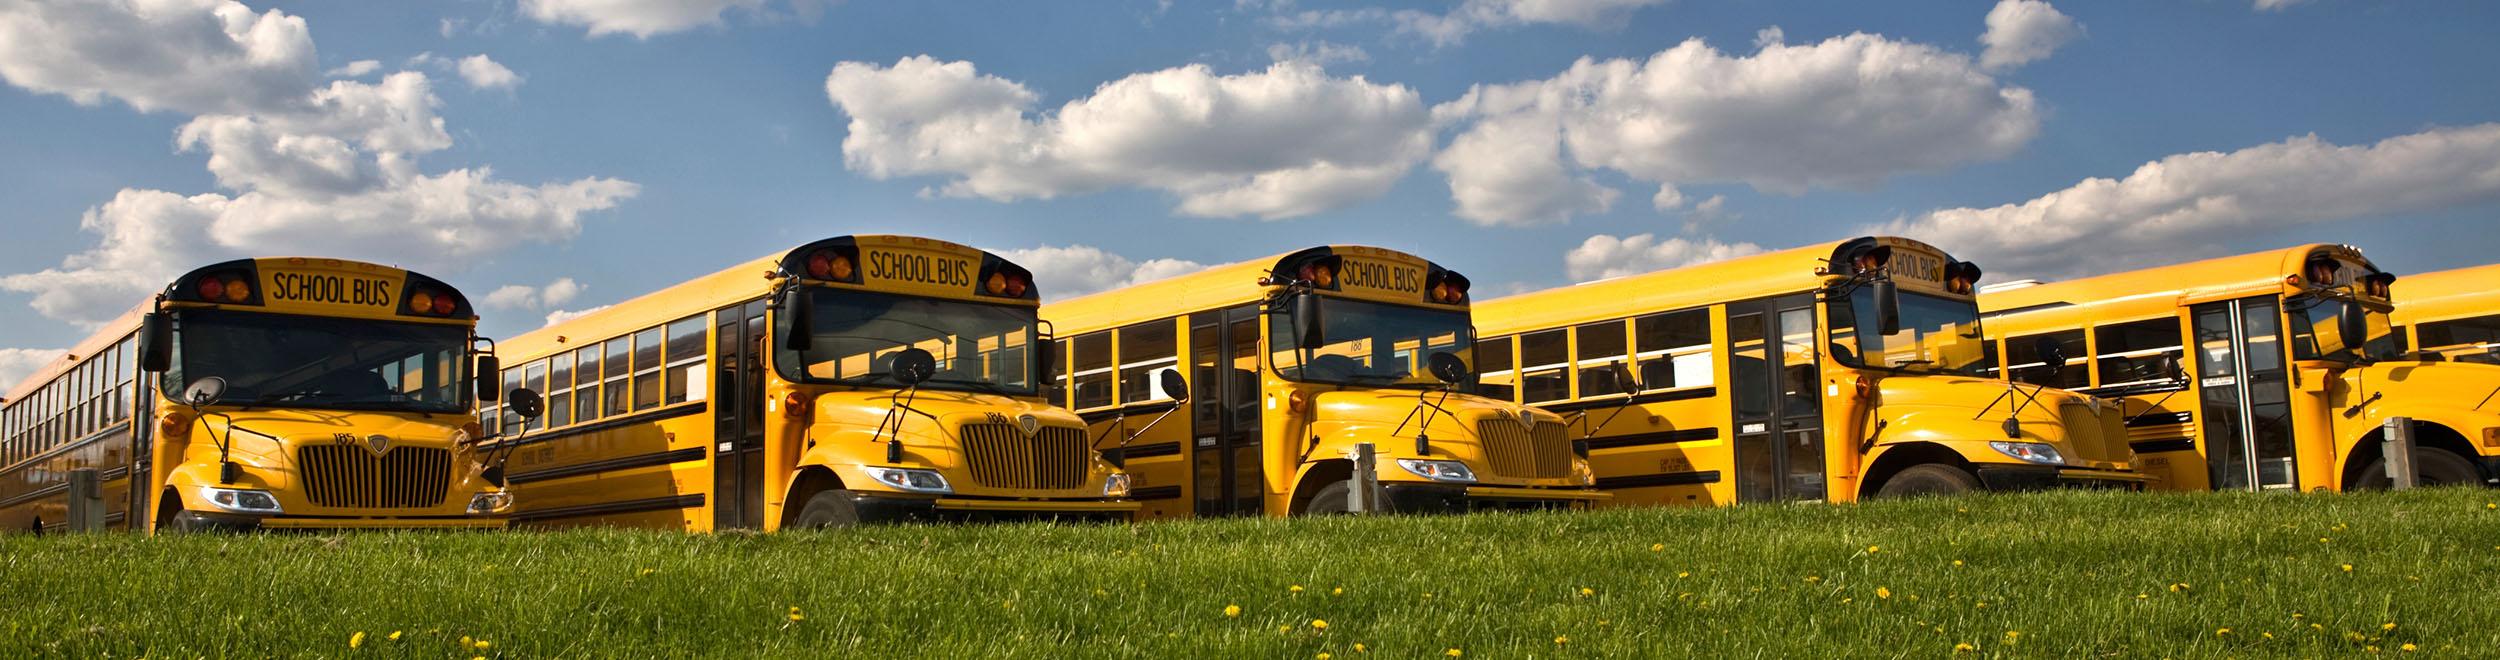 FAQ: Bus Transportation Software